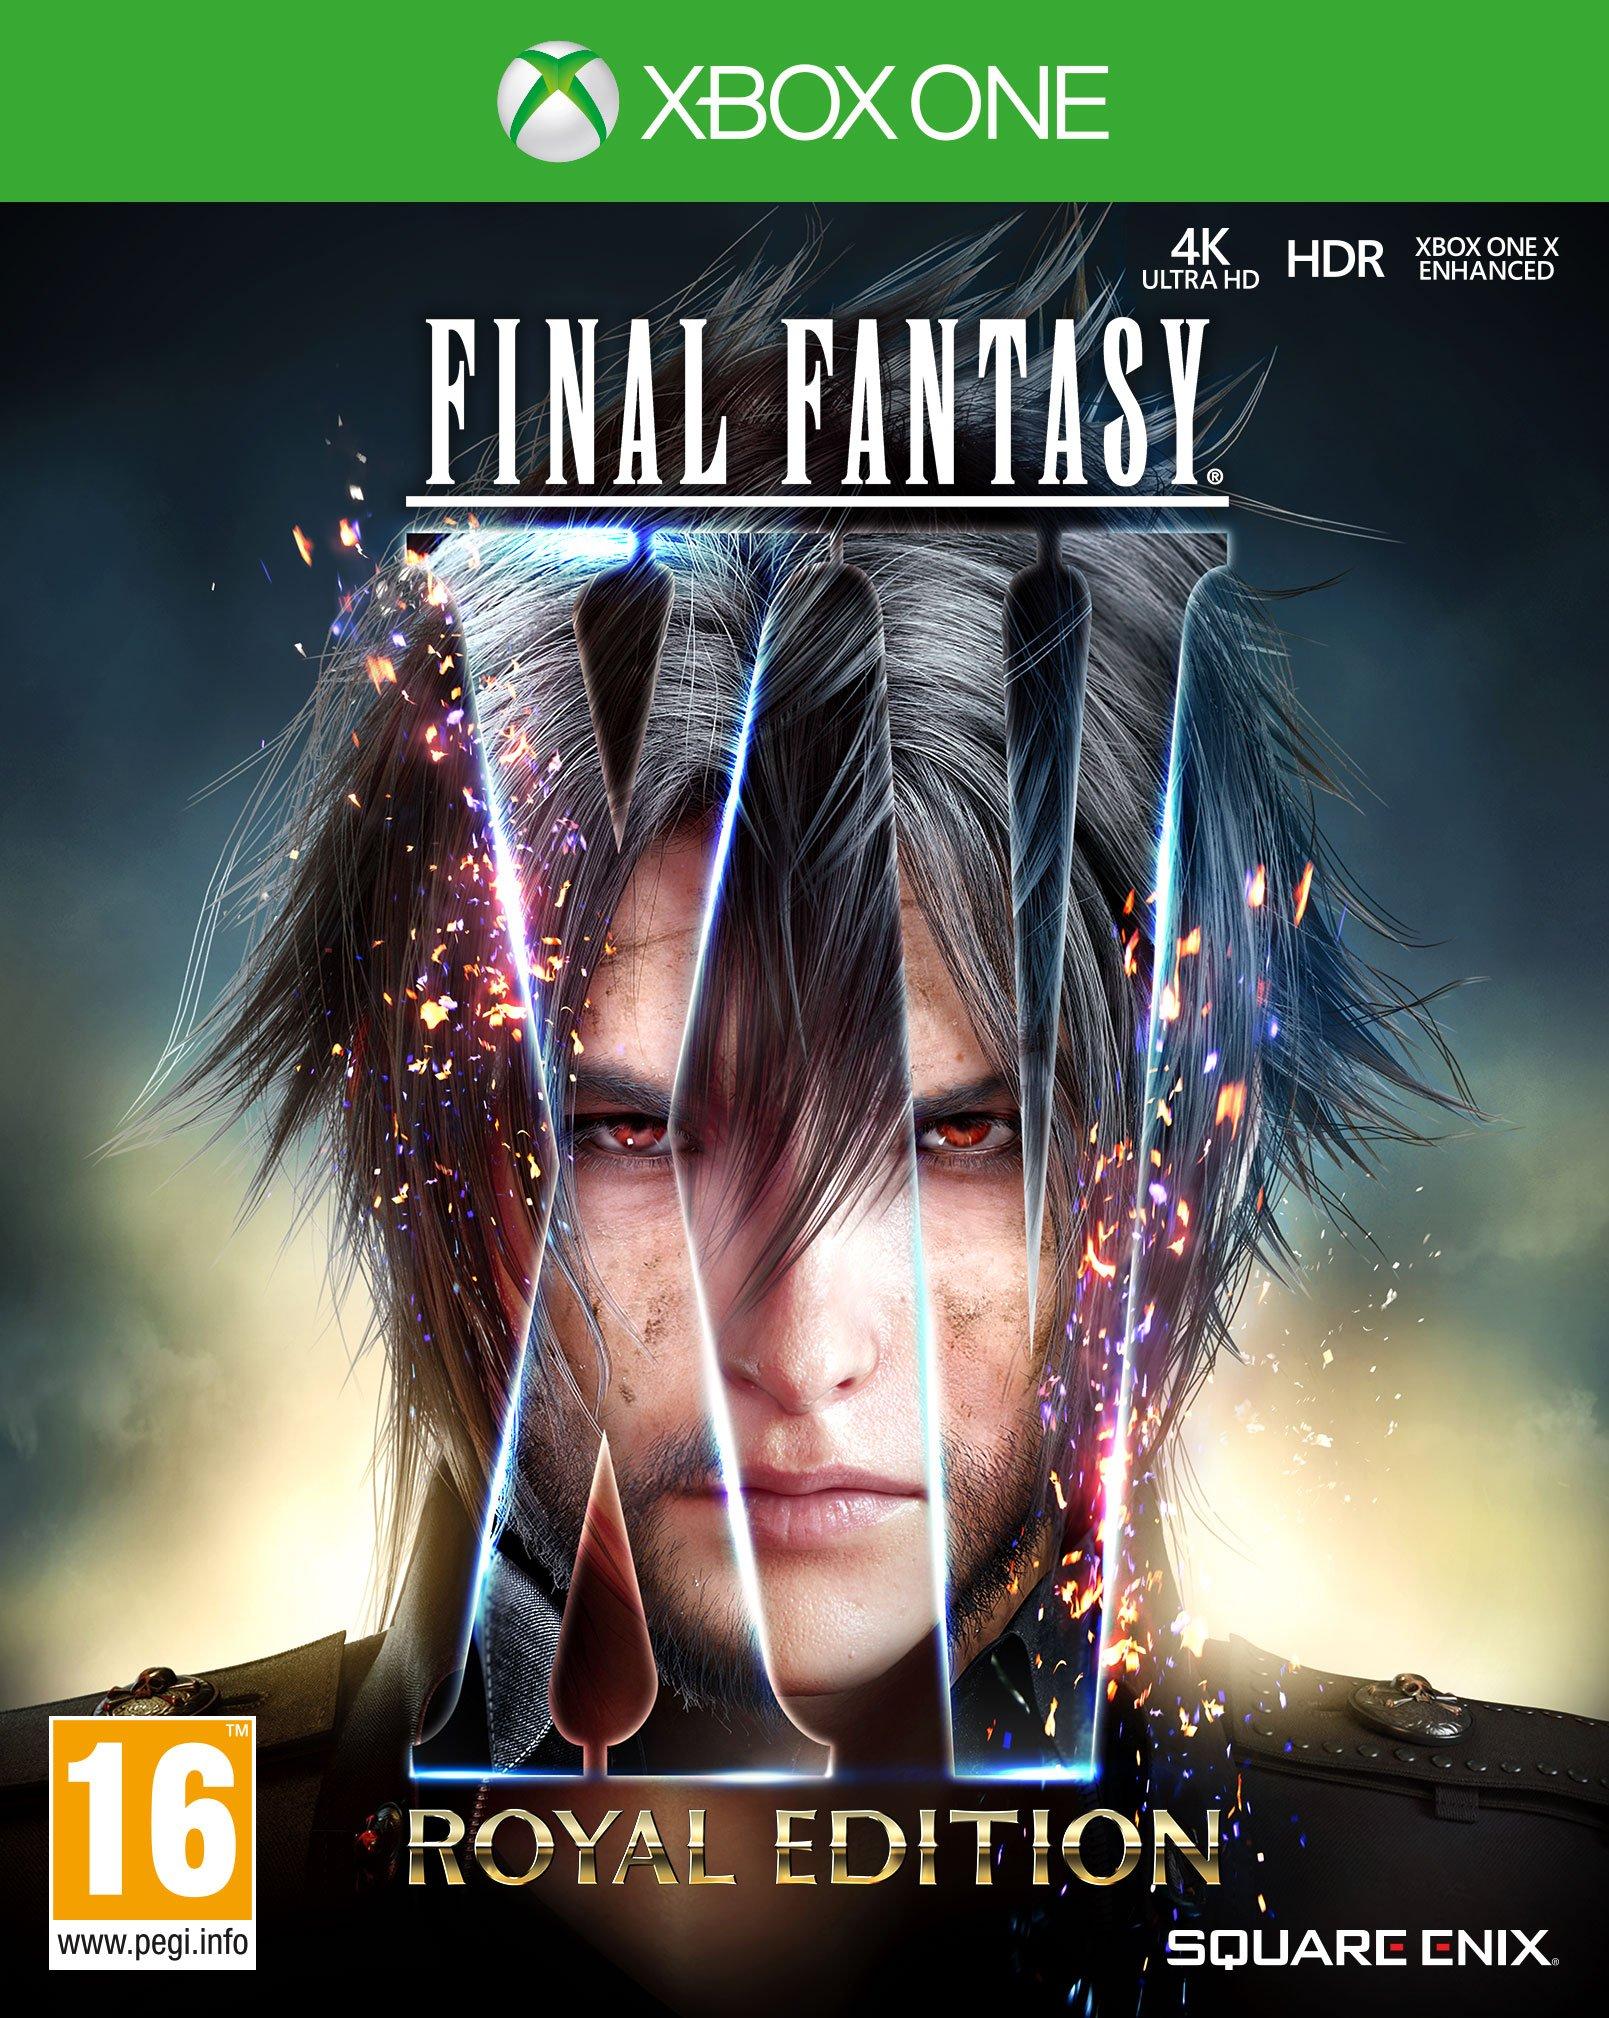 Final Fantasy XV (15) - Royal Edition